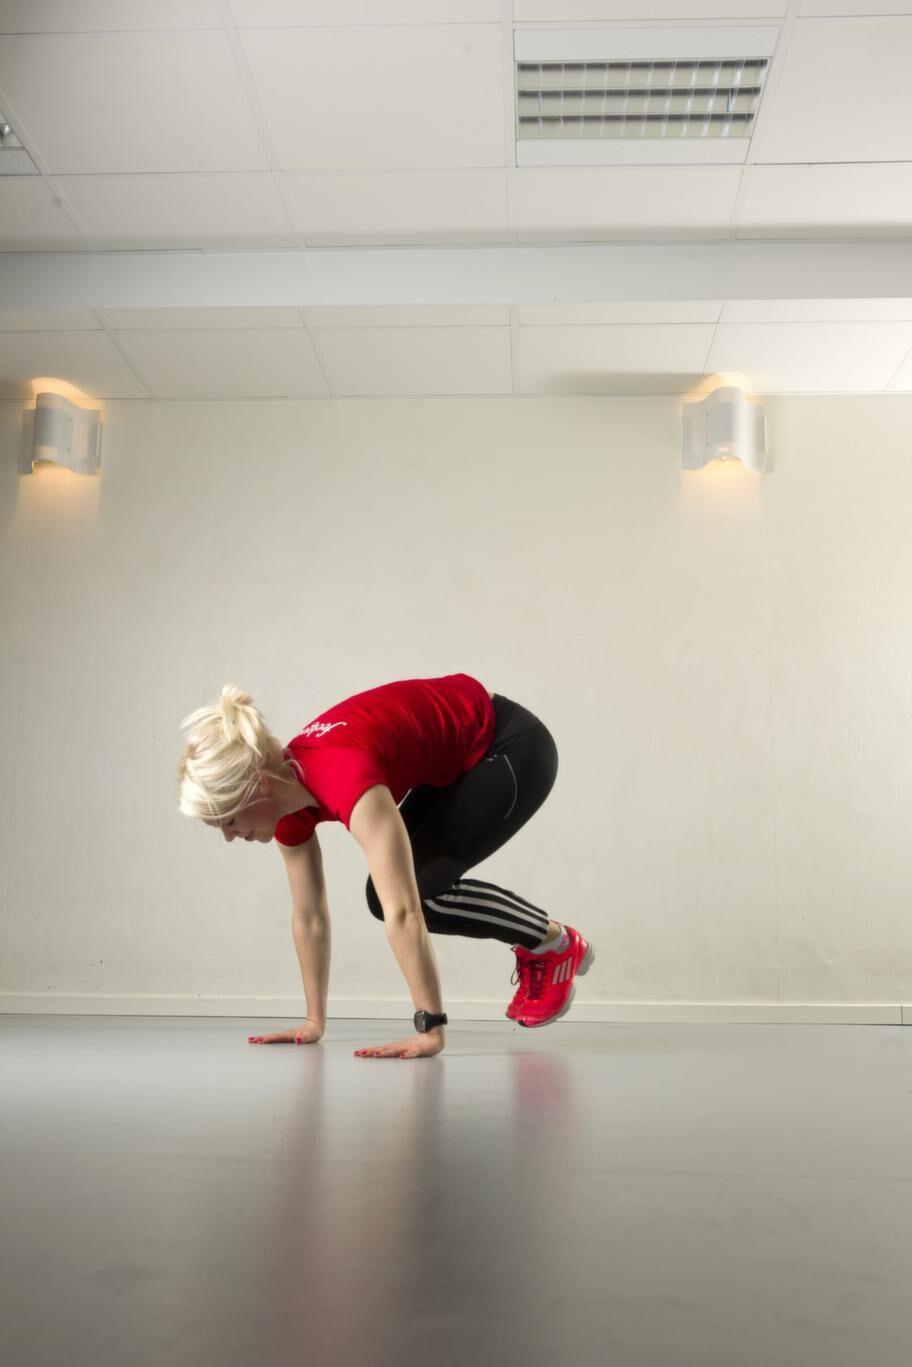 BonusrundaSet 4 Övning 1 BurpeesGör ett upphopp och kom direkt  ner med händerna på marken, sittande på huk. Hoppa jämfota bakåt med  fötterna och gör en armhävning. Hoppa sedan jämfota tillbaka till huk  och börja om igen. Repetera 10 gånger.Lättare variant: Gå bak till knä och gör amhävningen på knä, i stället för på tårna.